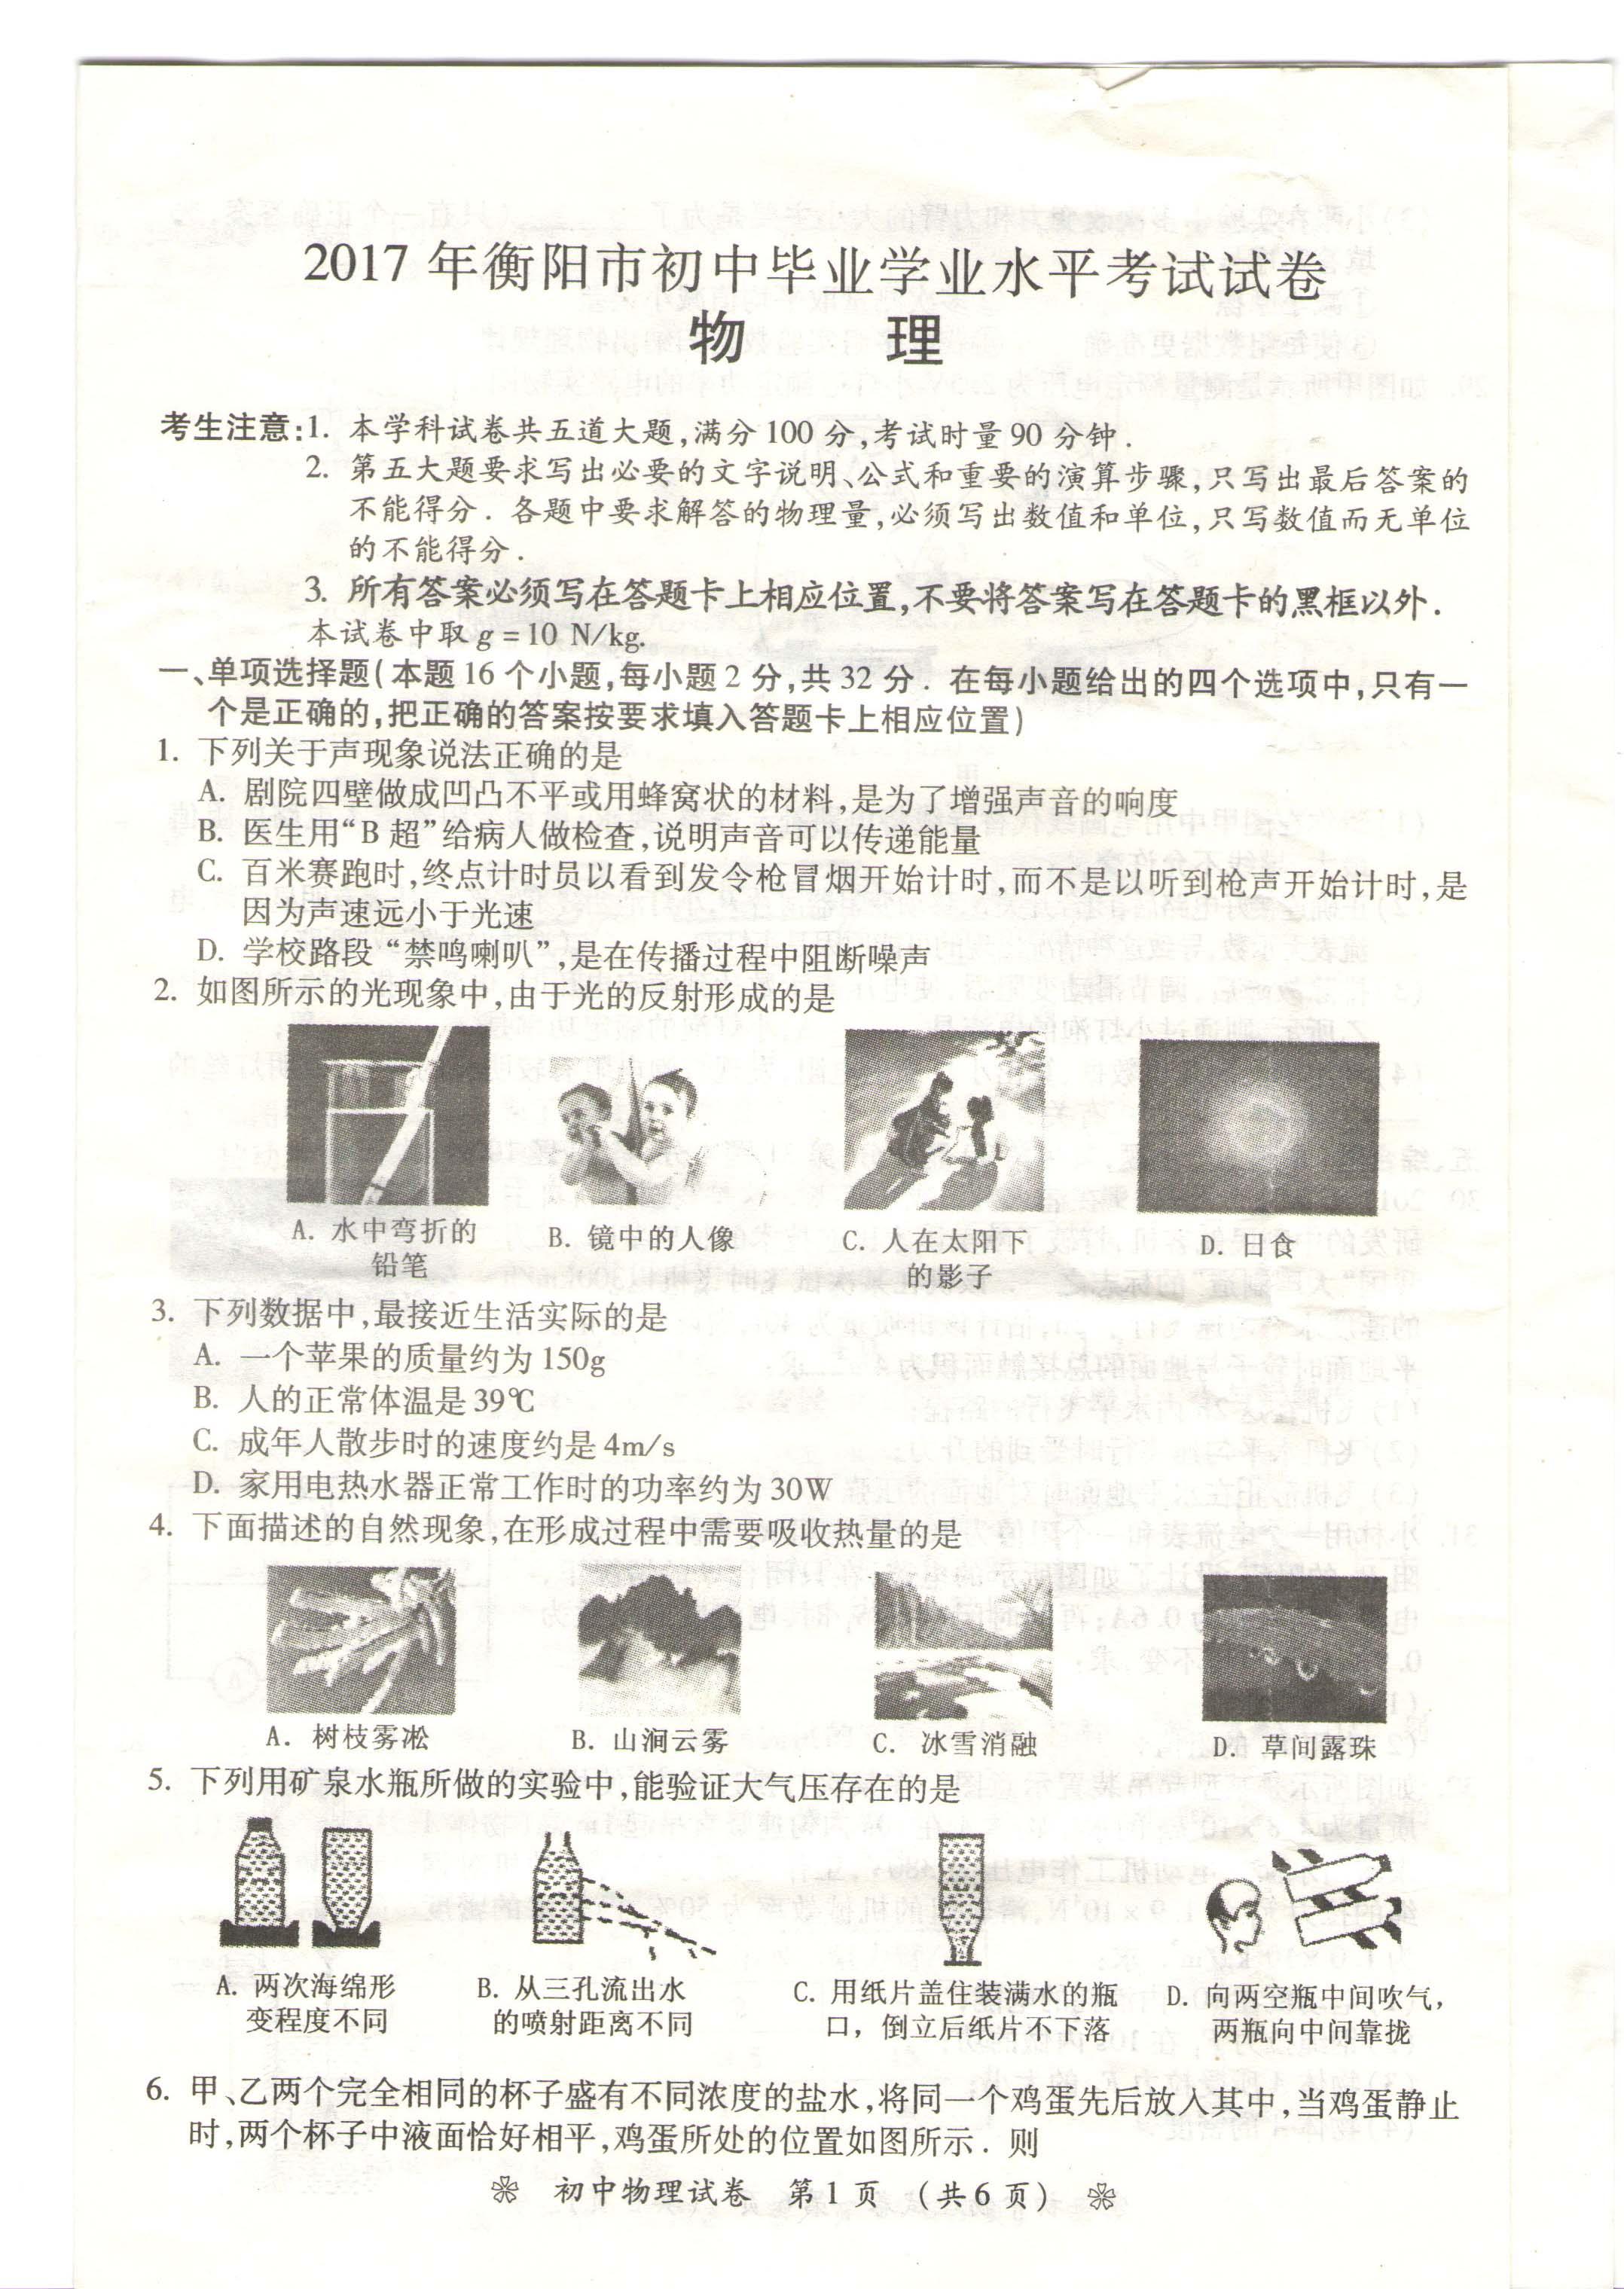 2017衡阳中考物理试题及答案解析(图片版含答案)